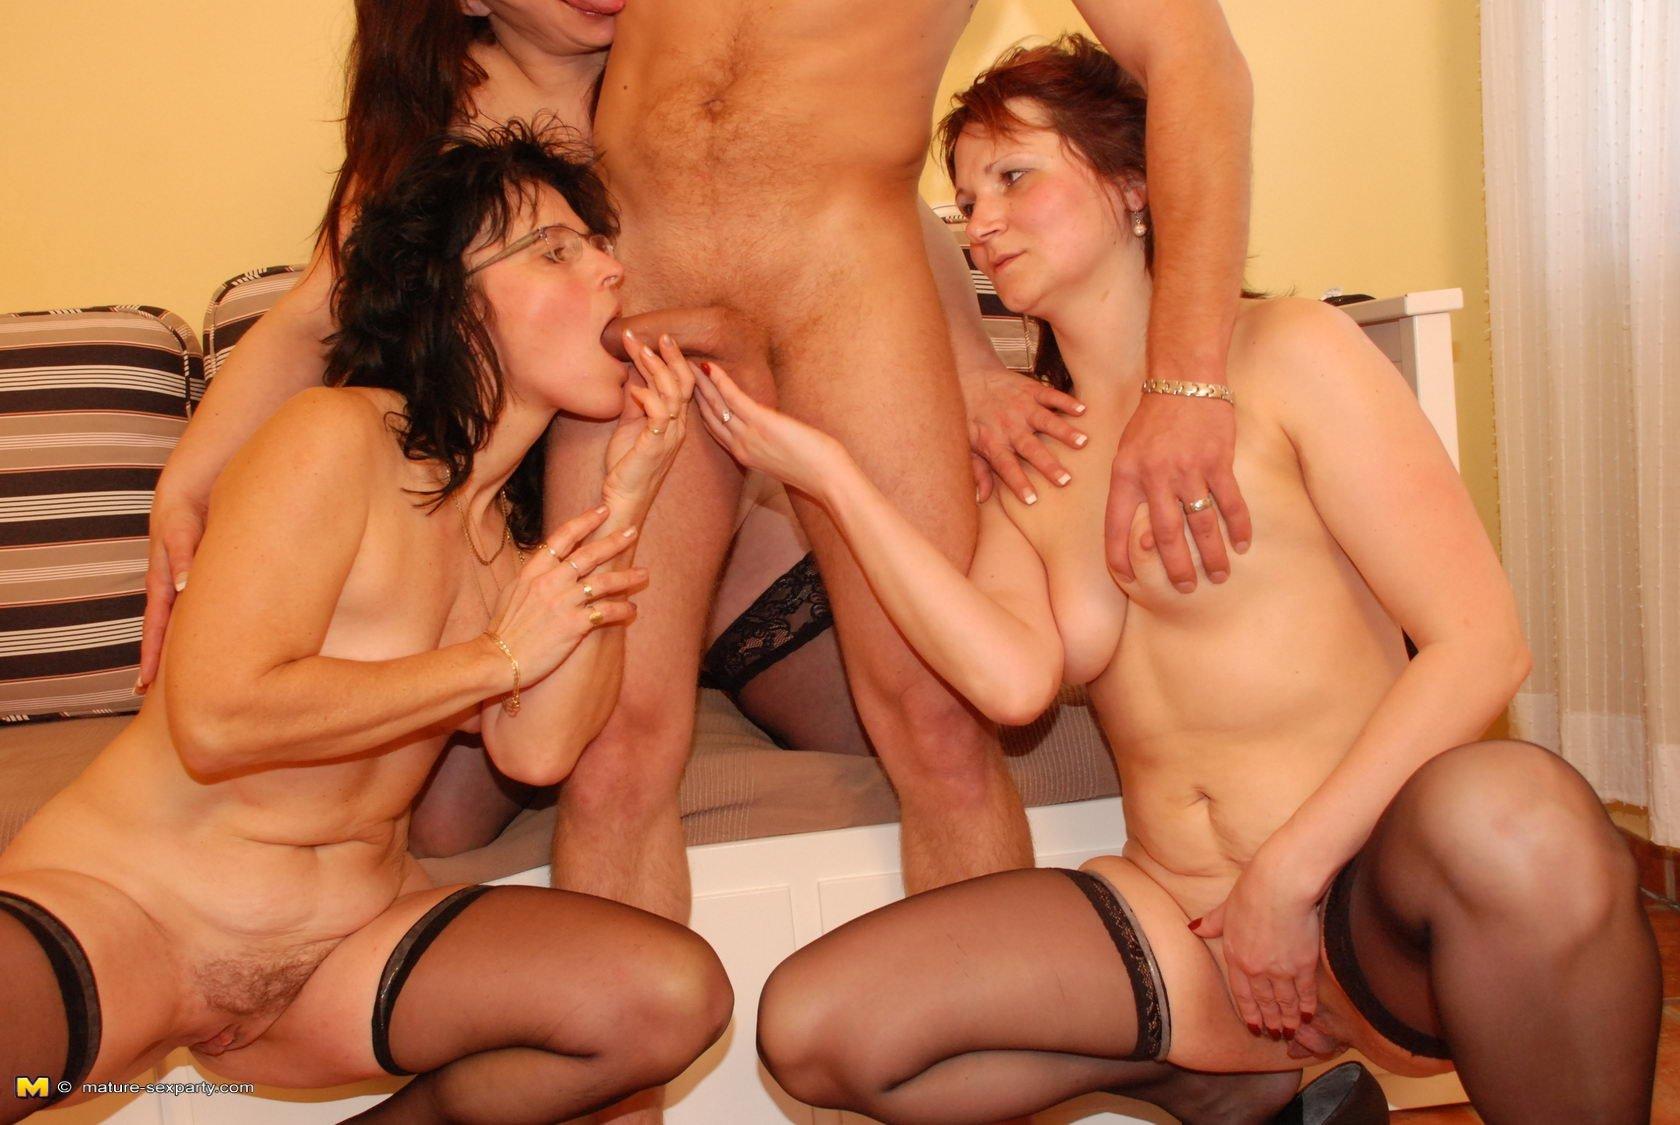 Порно фото групповое зрелых